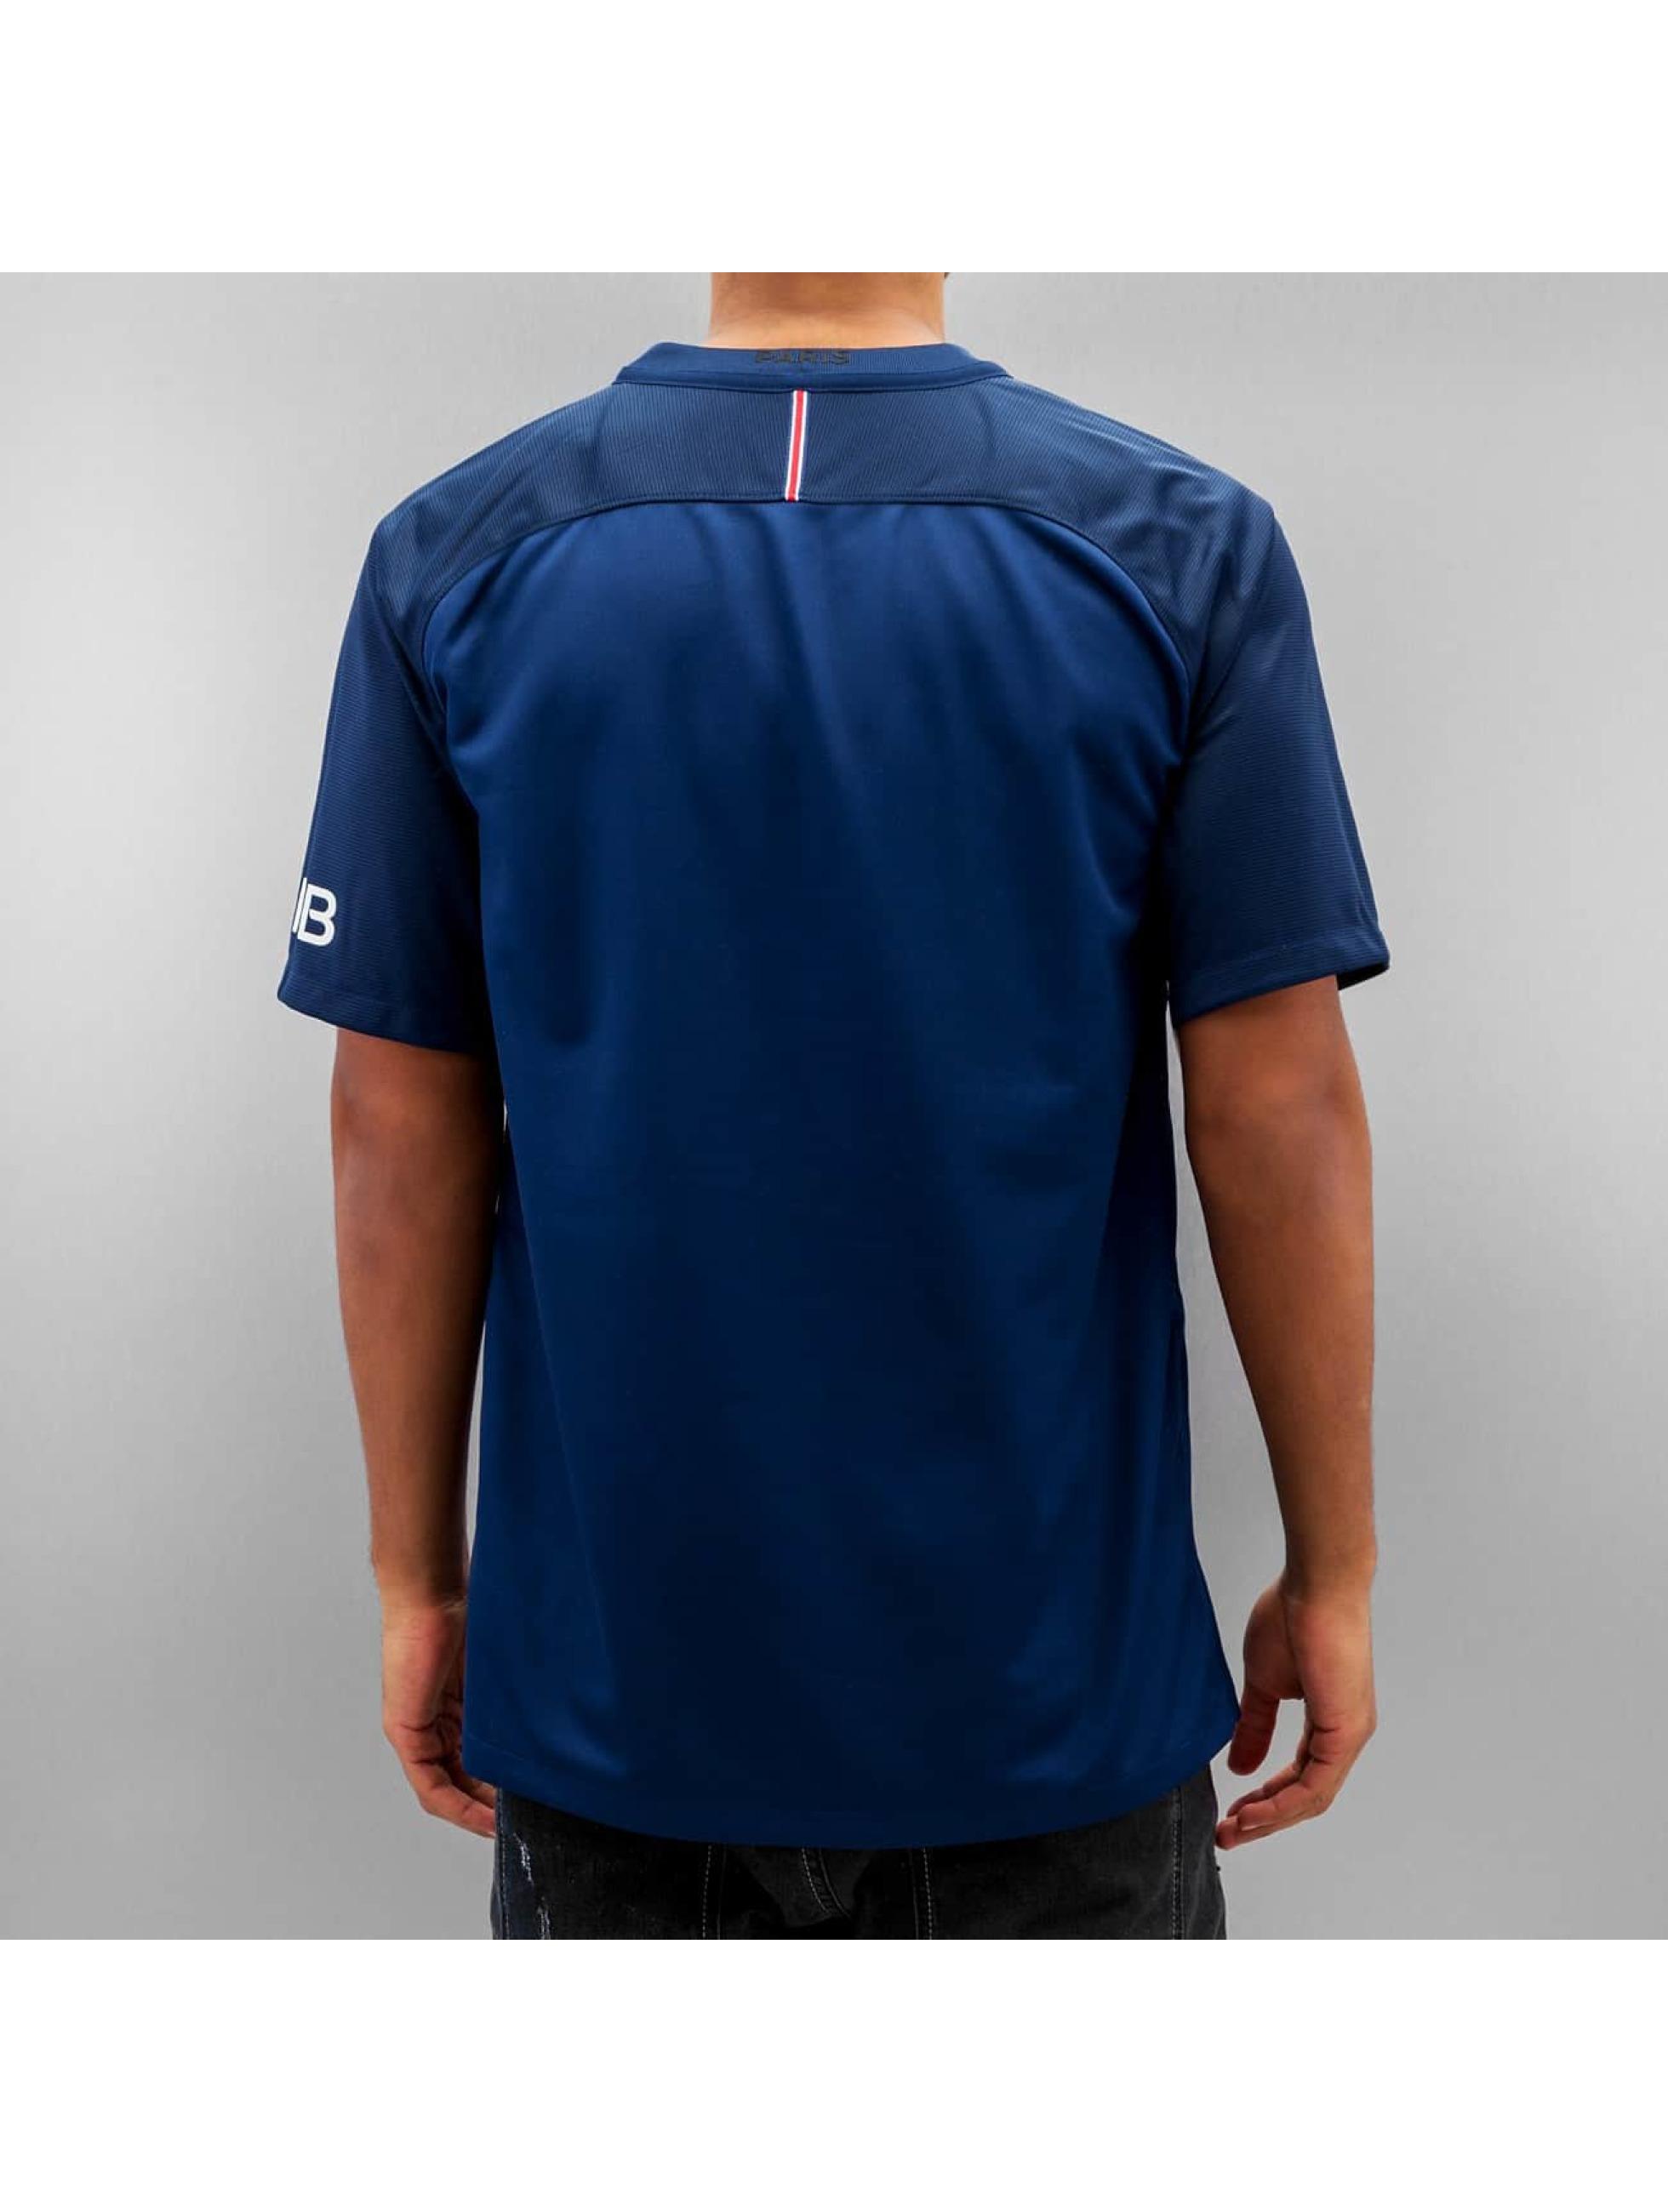 Nike T-Shirt Paris Saint-Germain Stadium blue